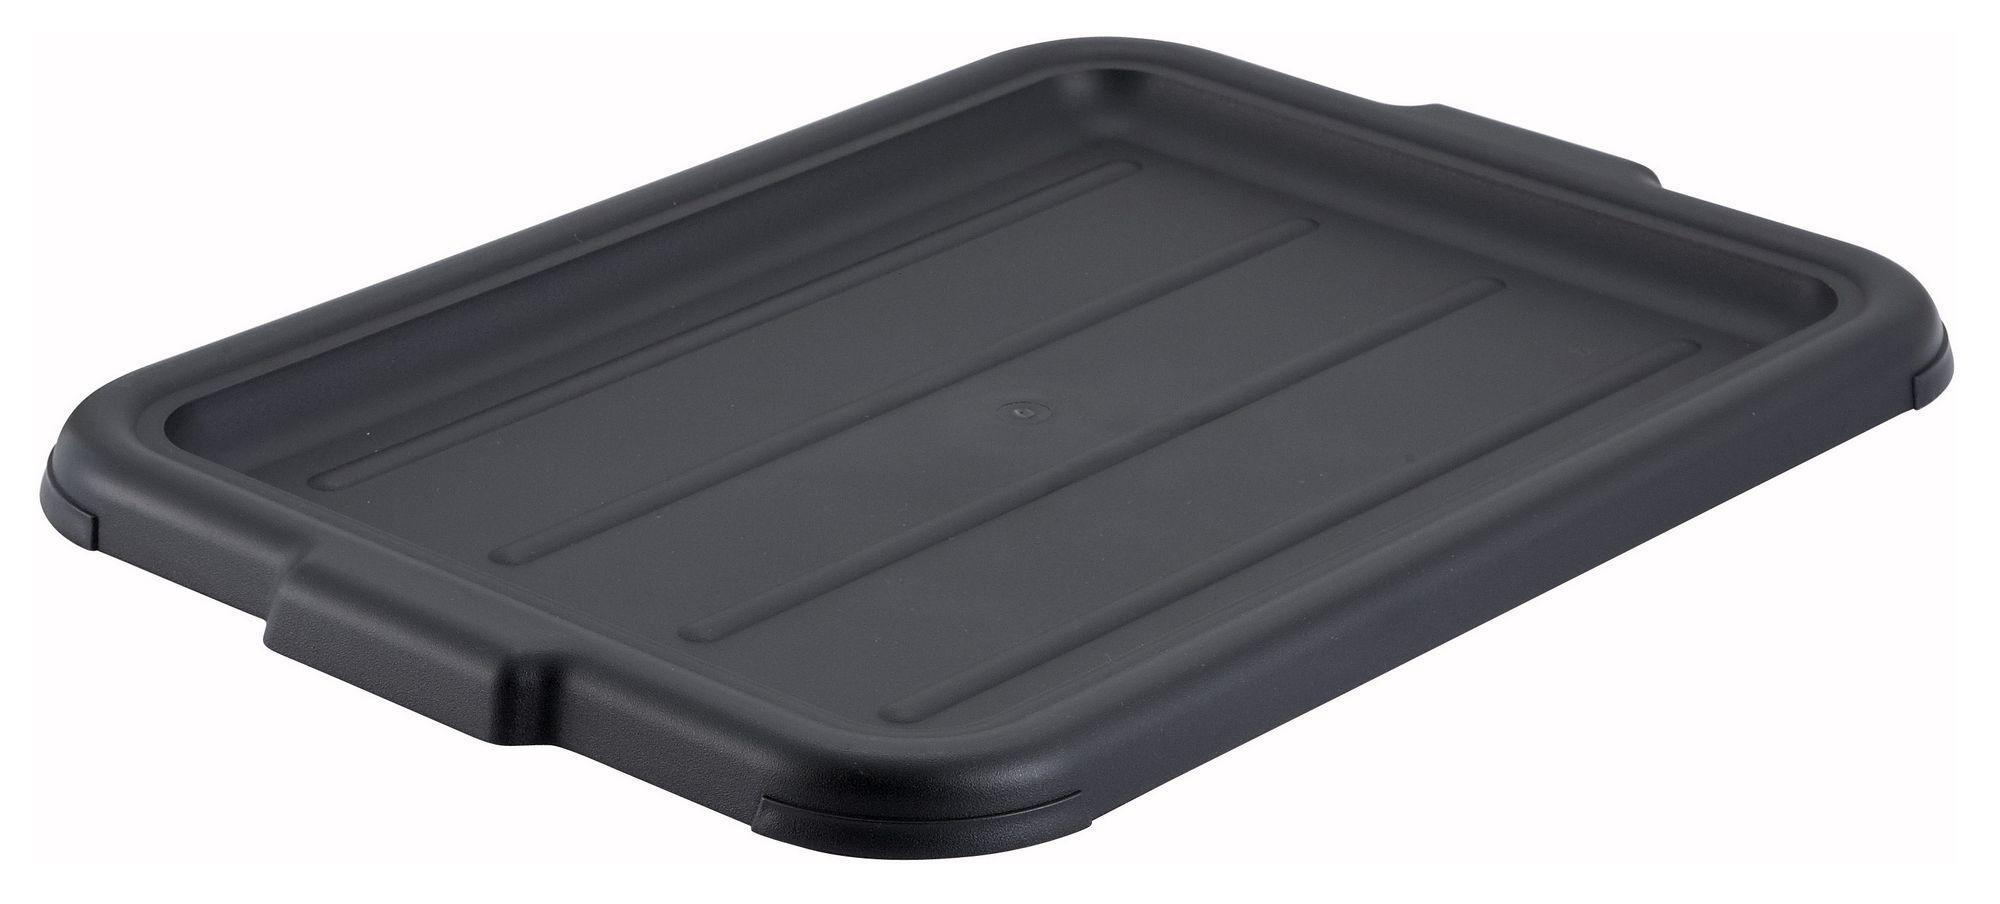 Winco PL-57K Black Dish Box Cover